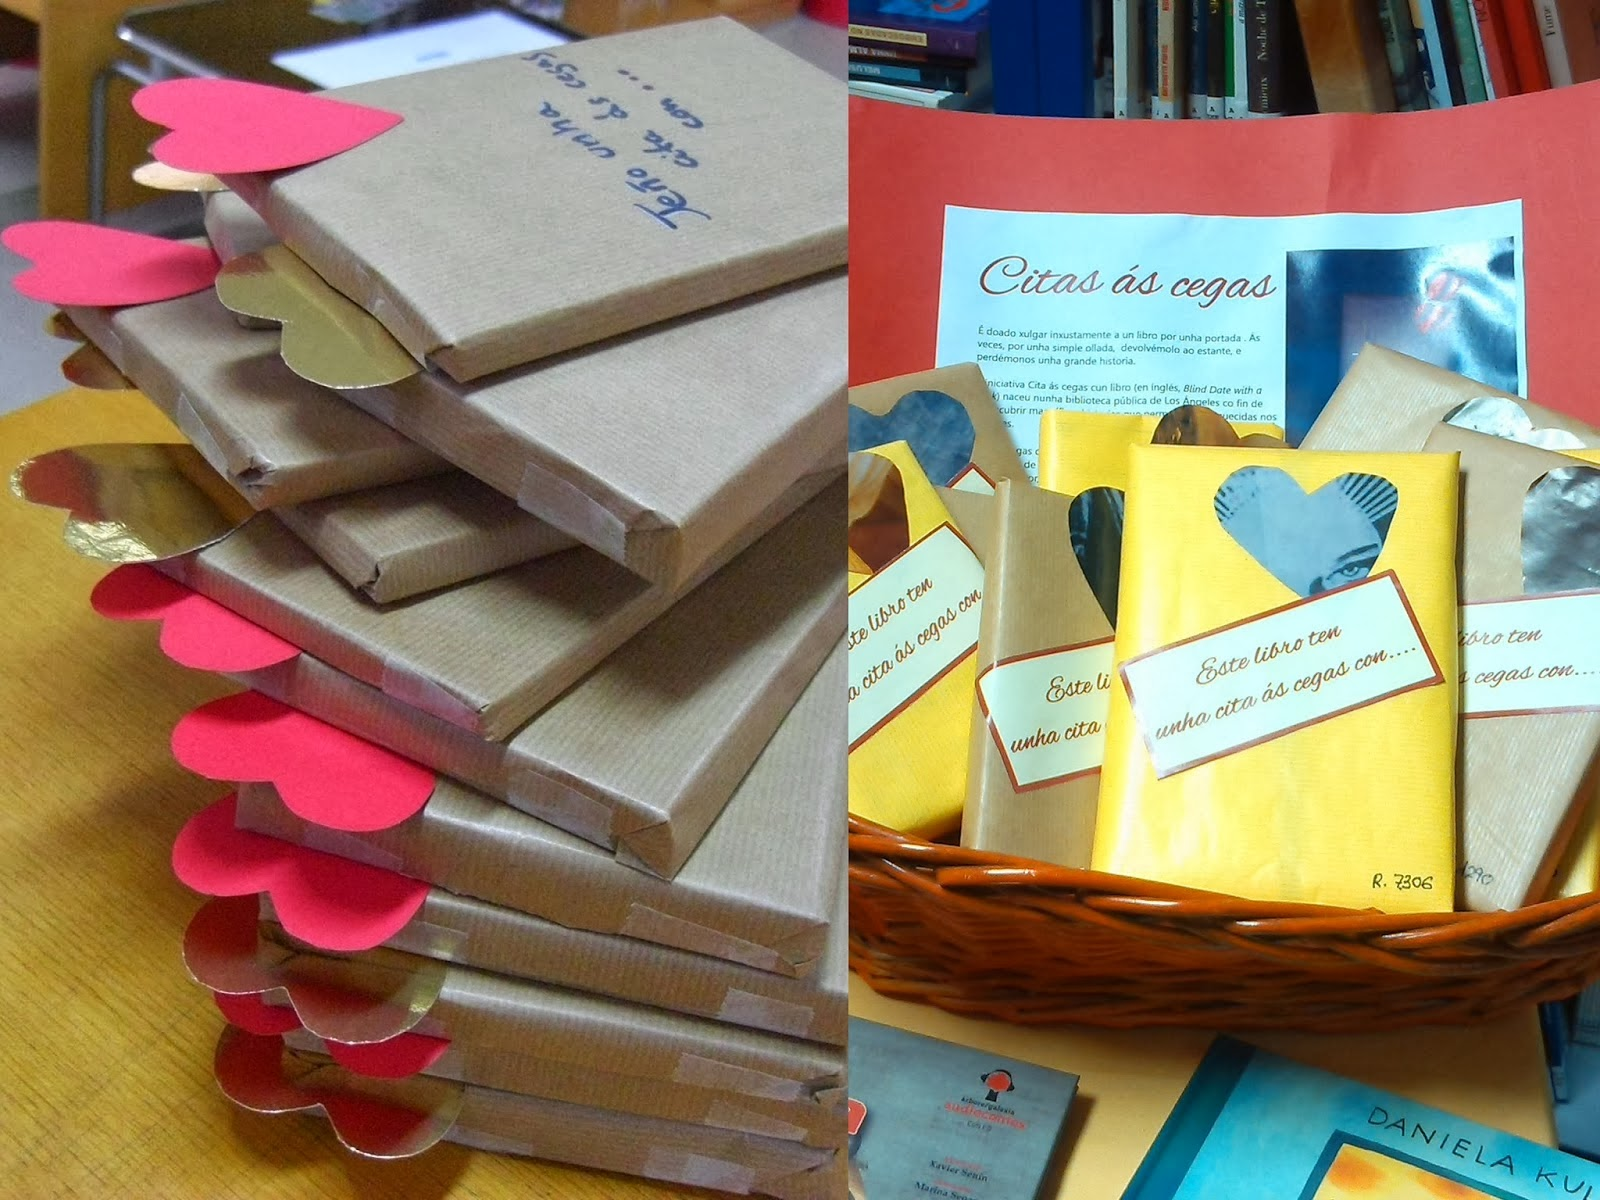 http://bibliotecasredondela.blogspot.com.es/2014/02/citas-as-cegas-puntos-de-encontro.html